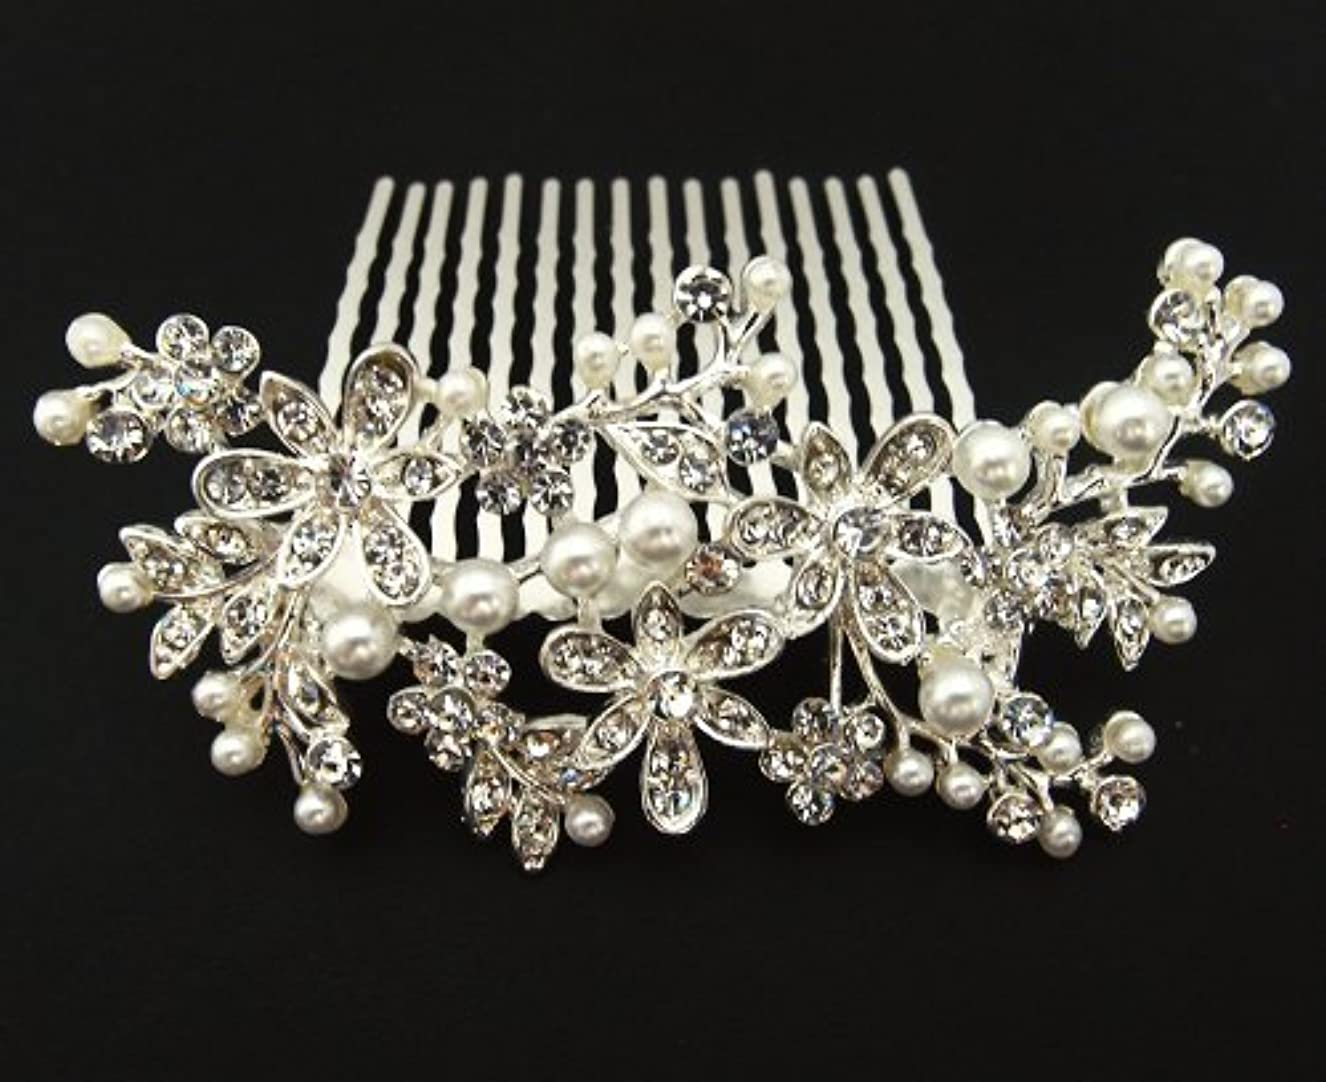 レトルトエクステントスクラッチbeautiful white Silver Color bridal wedding hair comb pearl and crystal #5 [並行輸入品]